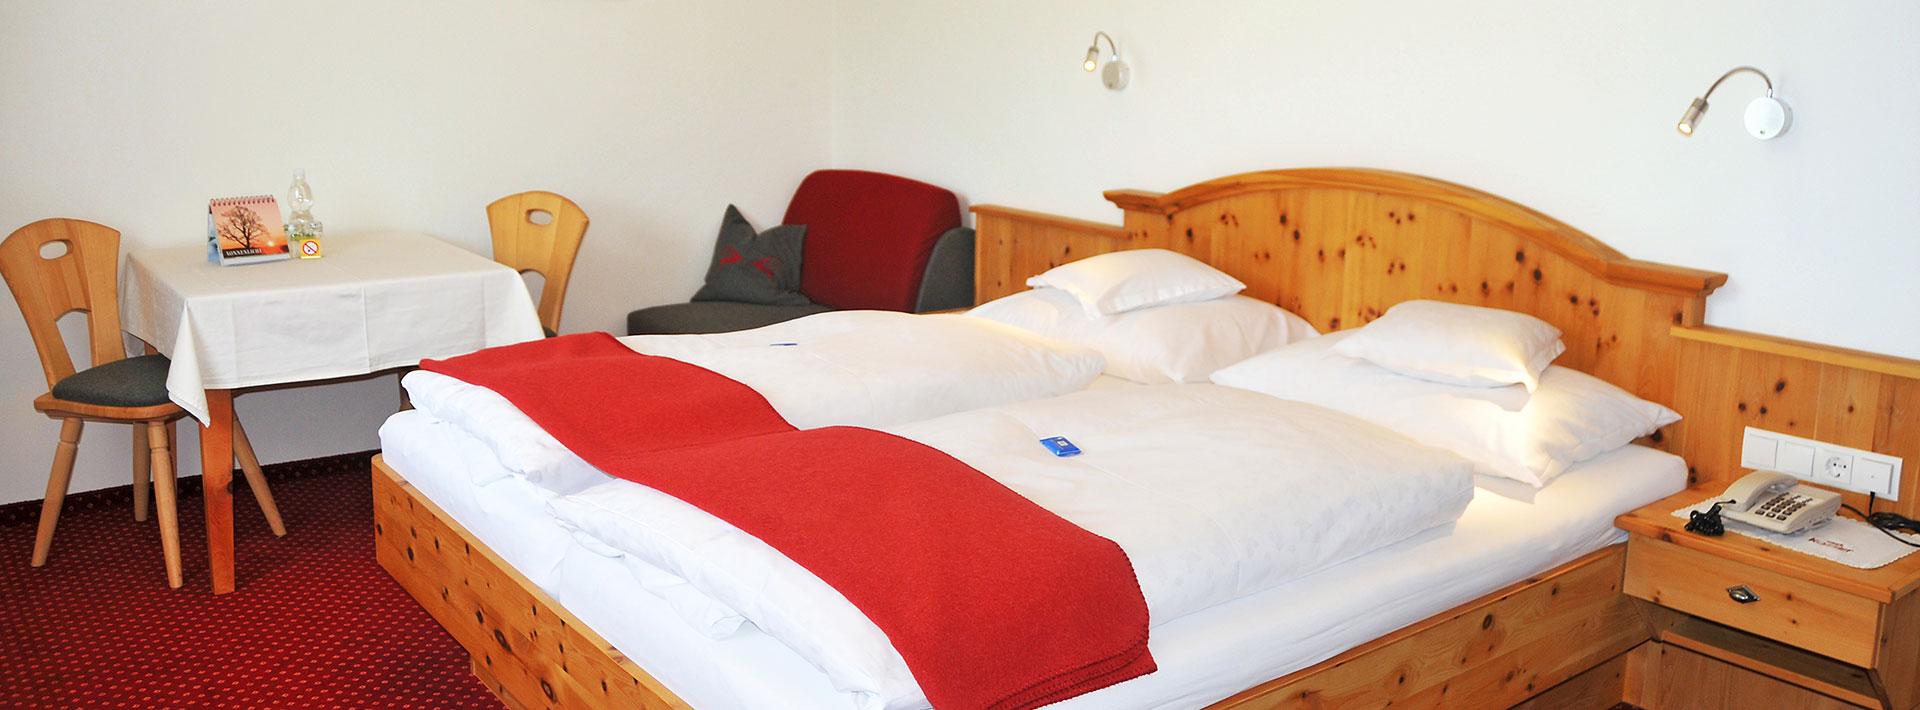 Zimmer in Radstadt, Ferienhaus Kössler